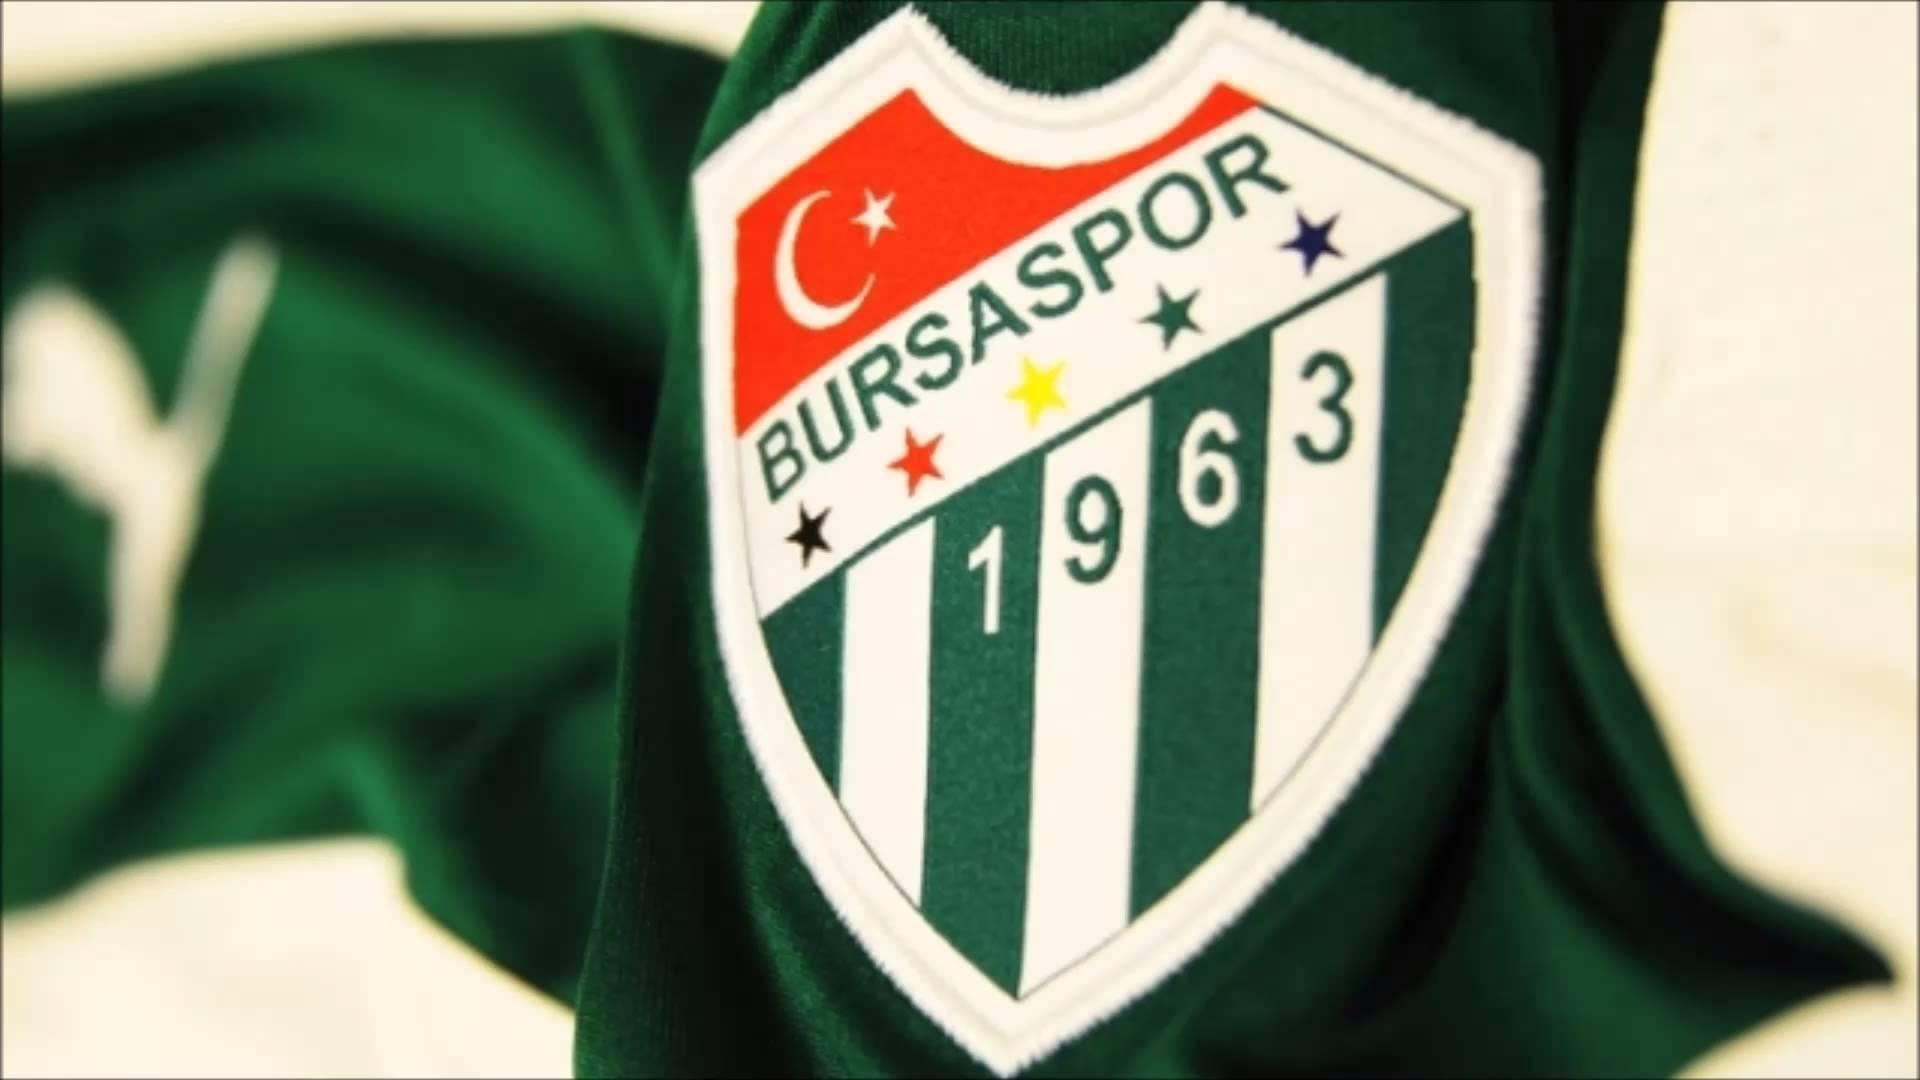 Bursaspor, Rizespor'un iştahını kabarttı!